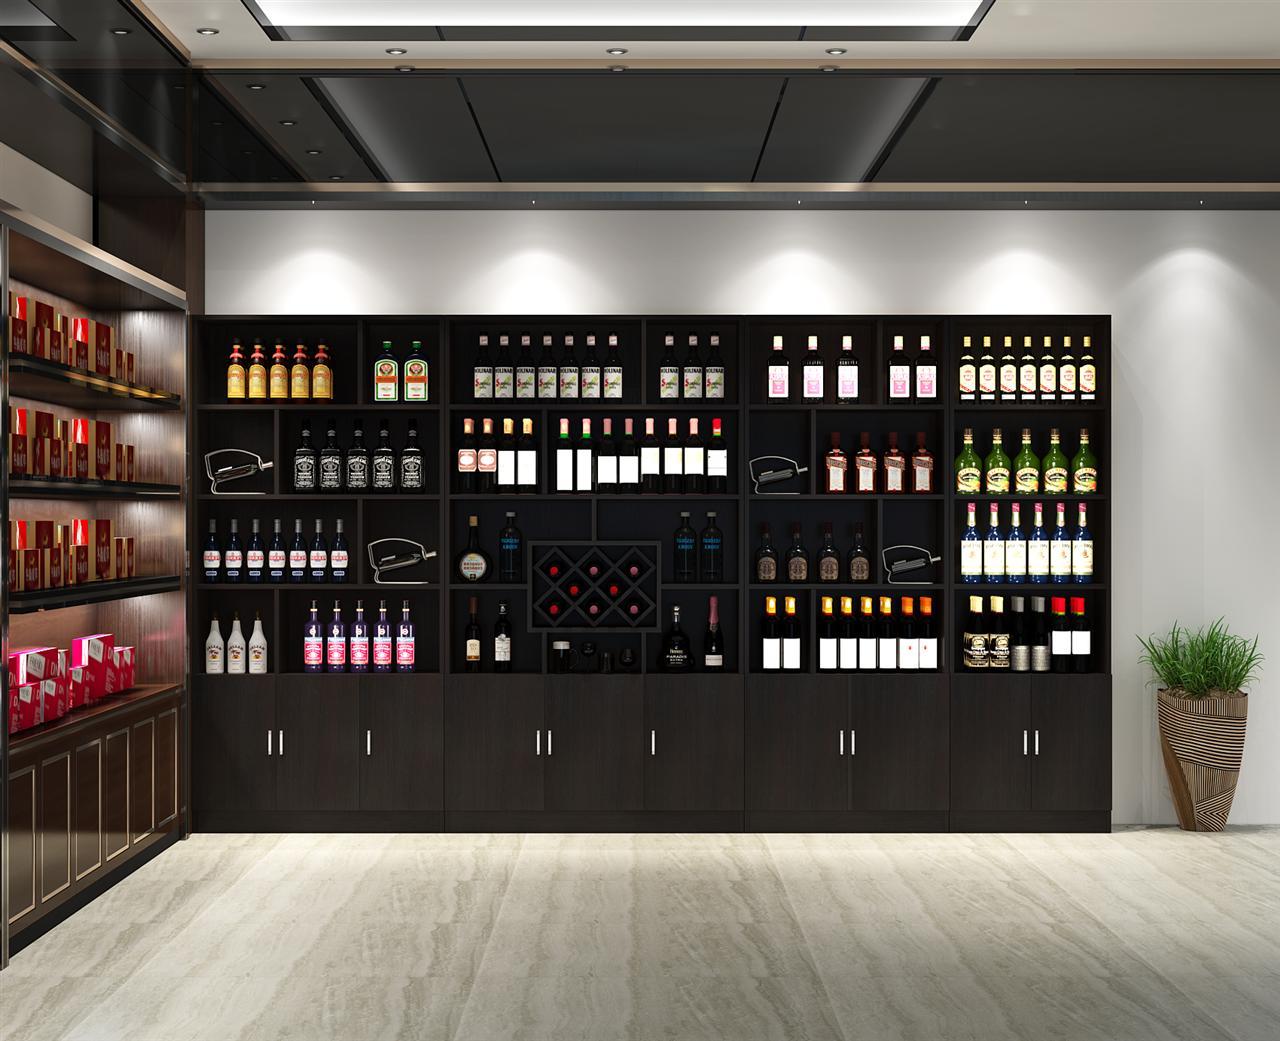 红酒柜展示柜酒柜展示架酒架茶叶展示柜超市陈列柜产品柜货柜货架